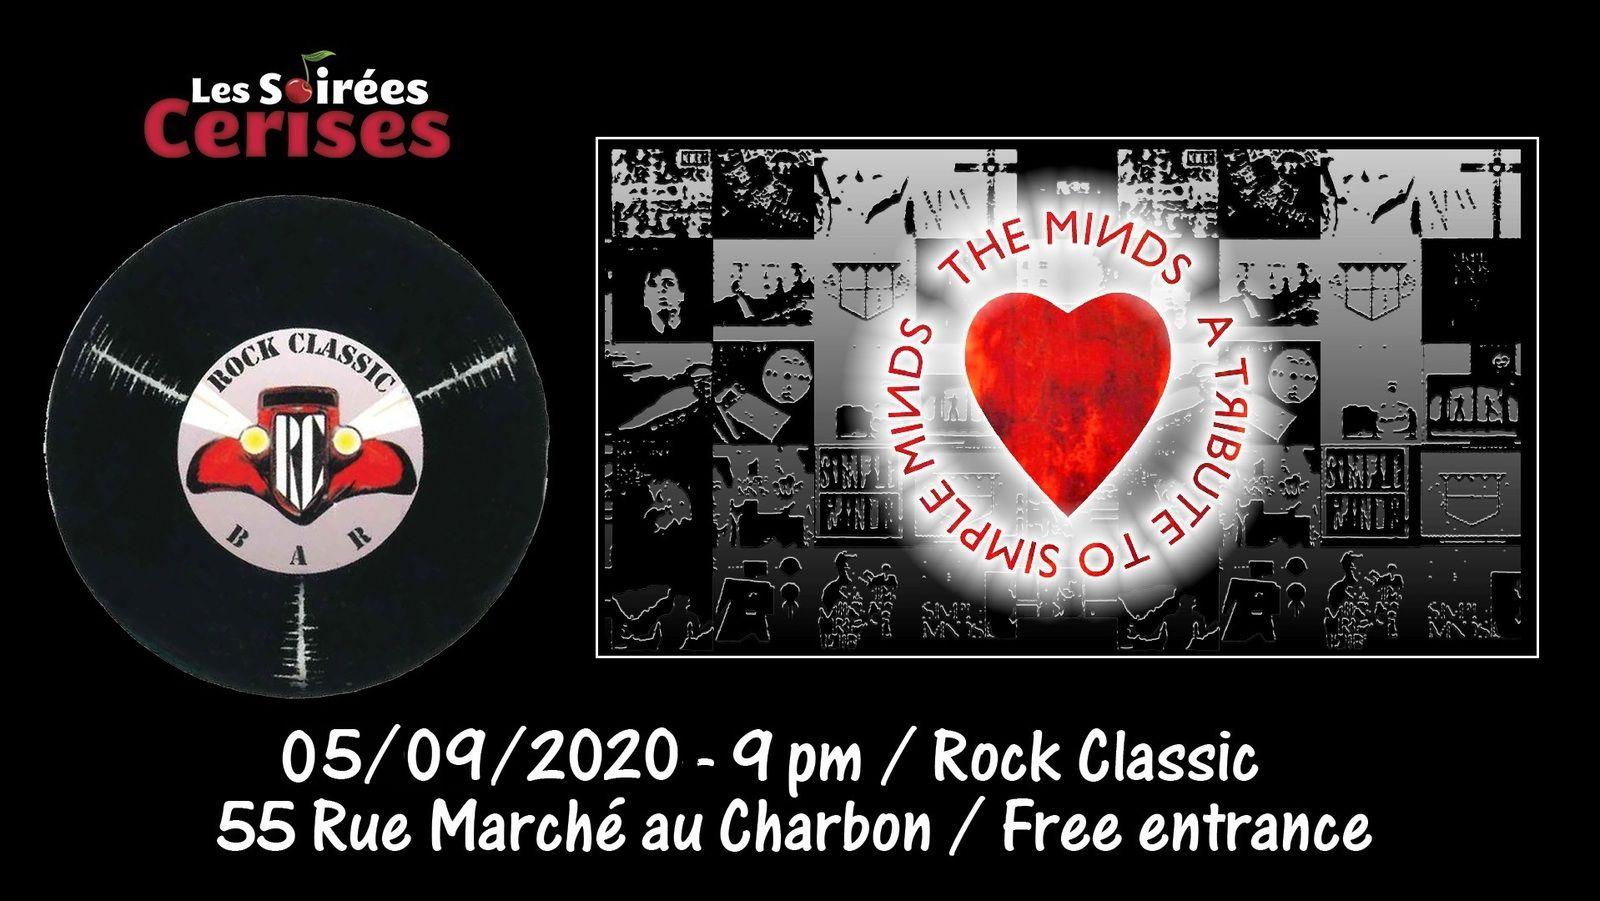 🎵 The Minds (SIMPLE MINDS tribute band) @ Rock Classic - 05/09/2020 - 21h00 - Entrée gratuite / Free entrance